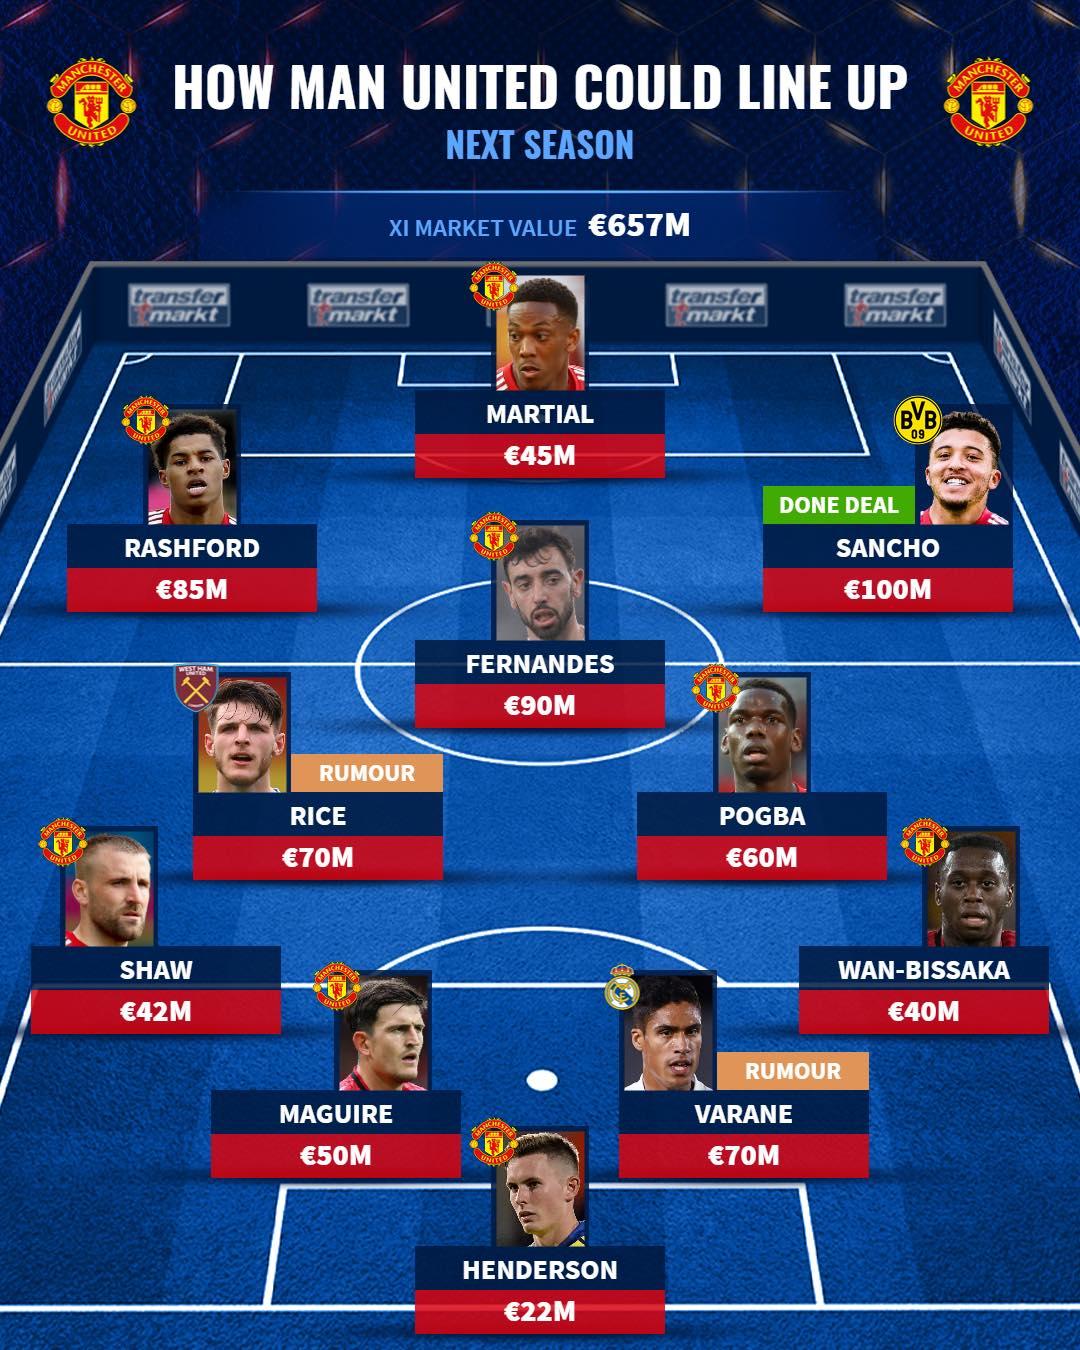 Công bố Sancho, đội hình trong mơ của Man Utd mùa tới ra sao? - Bóng Đá